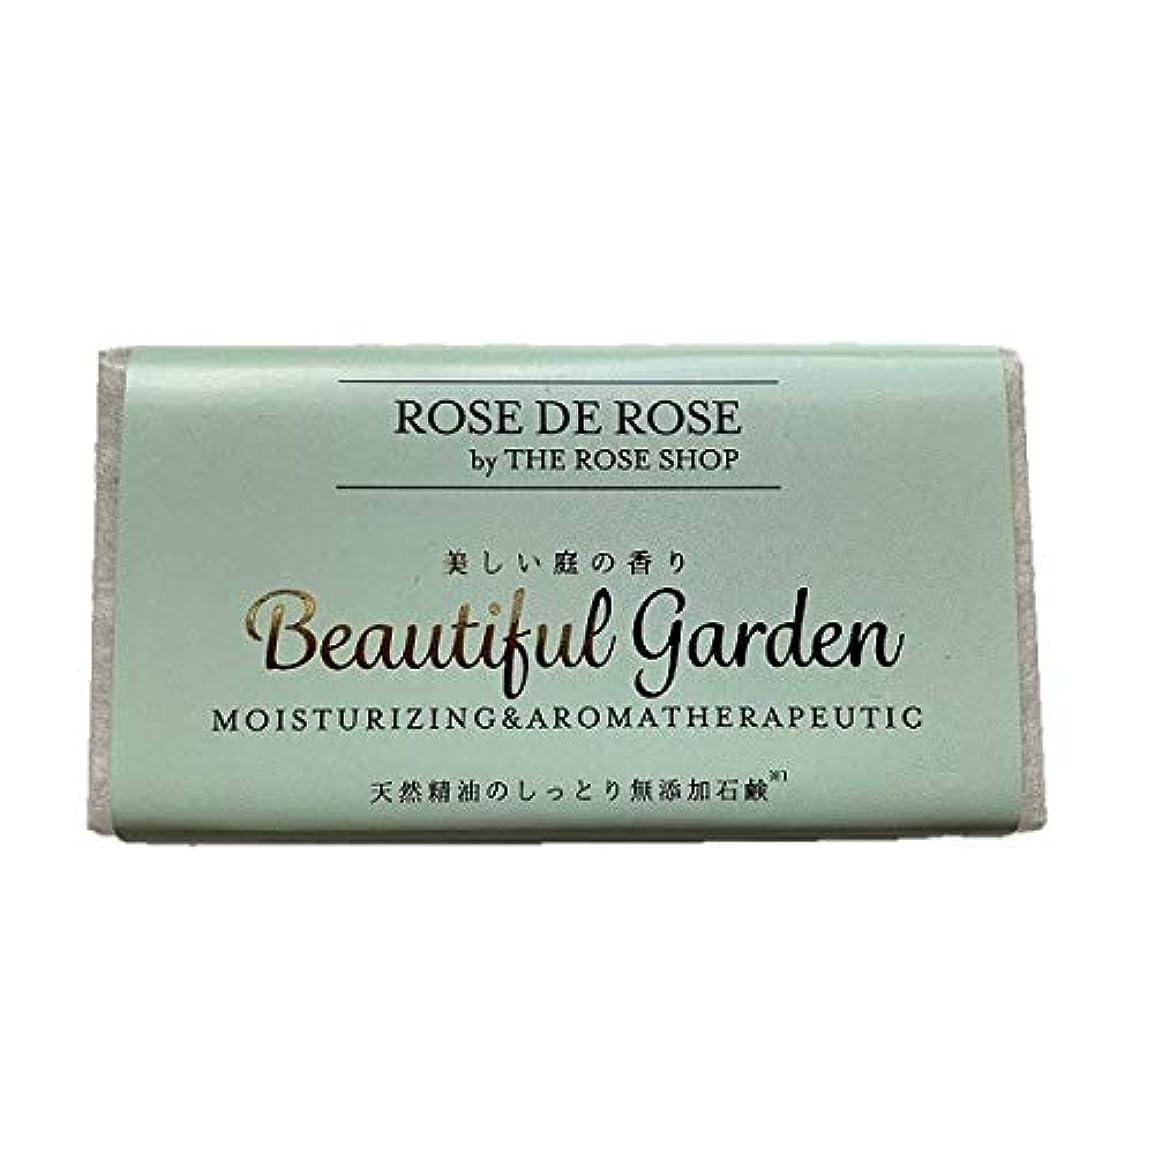 展望台きょうだいメッセンジャー天然精油の無添加石鹸 「美しい庭の香り ビューティフルガーデン」